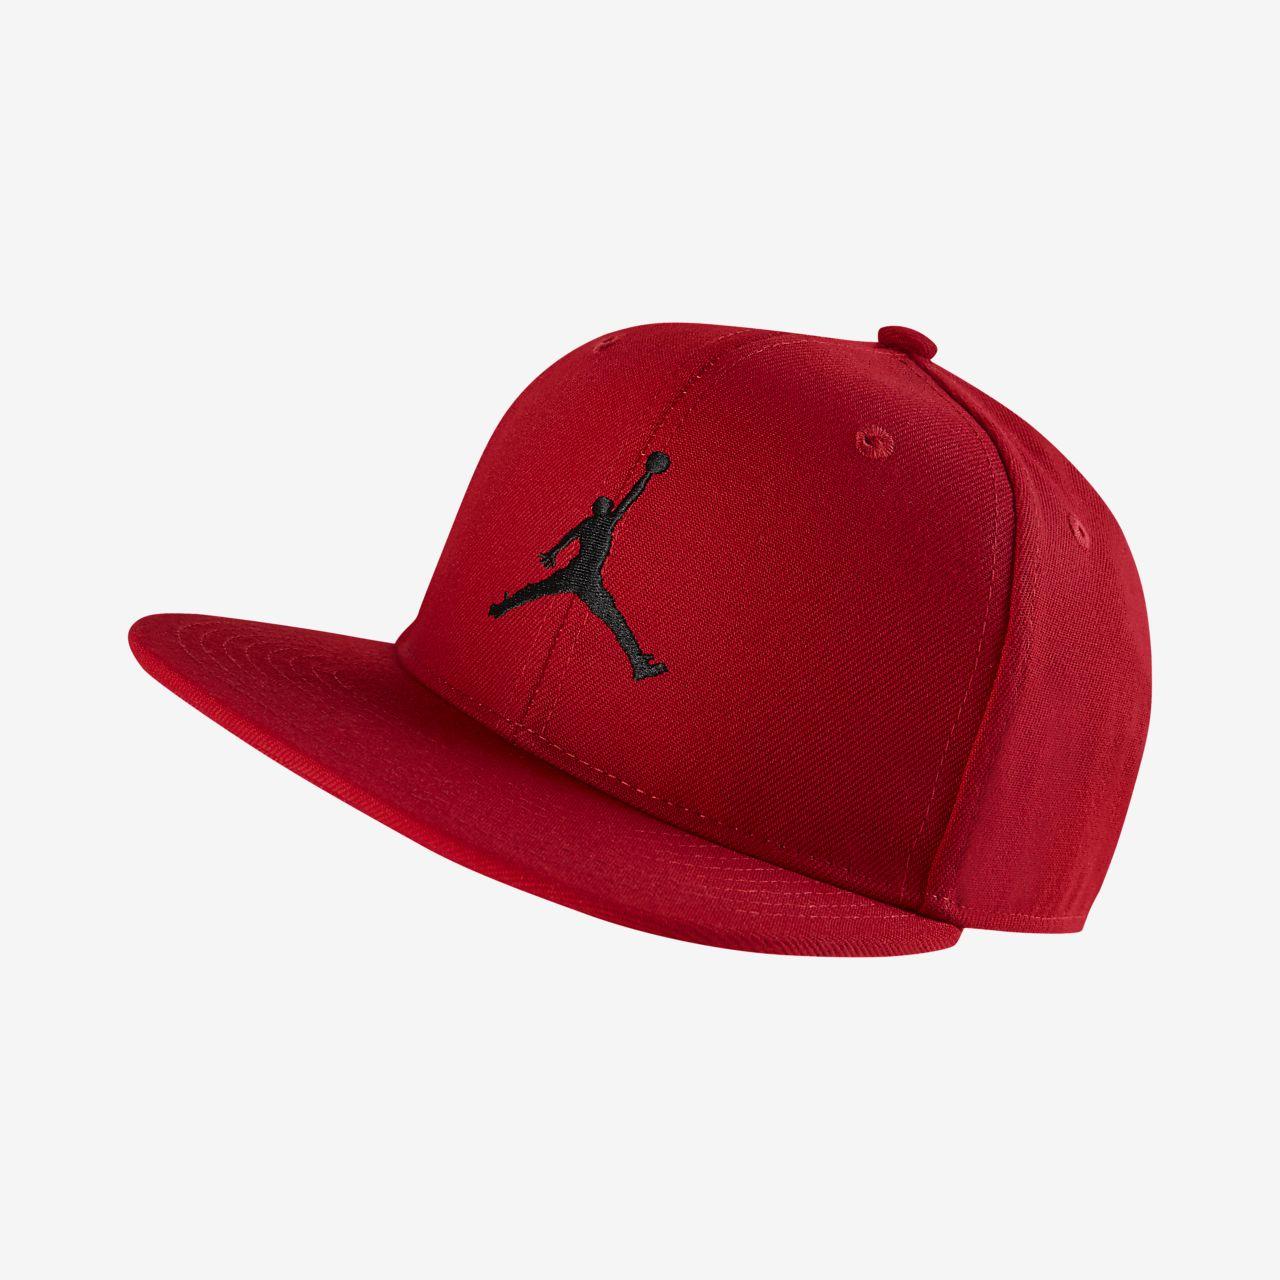 Παιδικό ρυθμιζόμενο καπέλο Jordan Jumpman